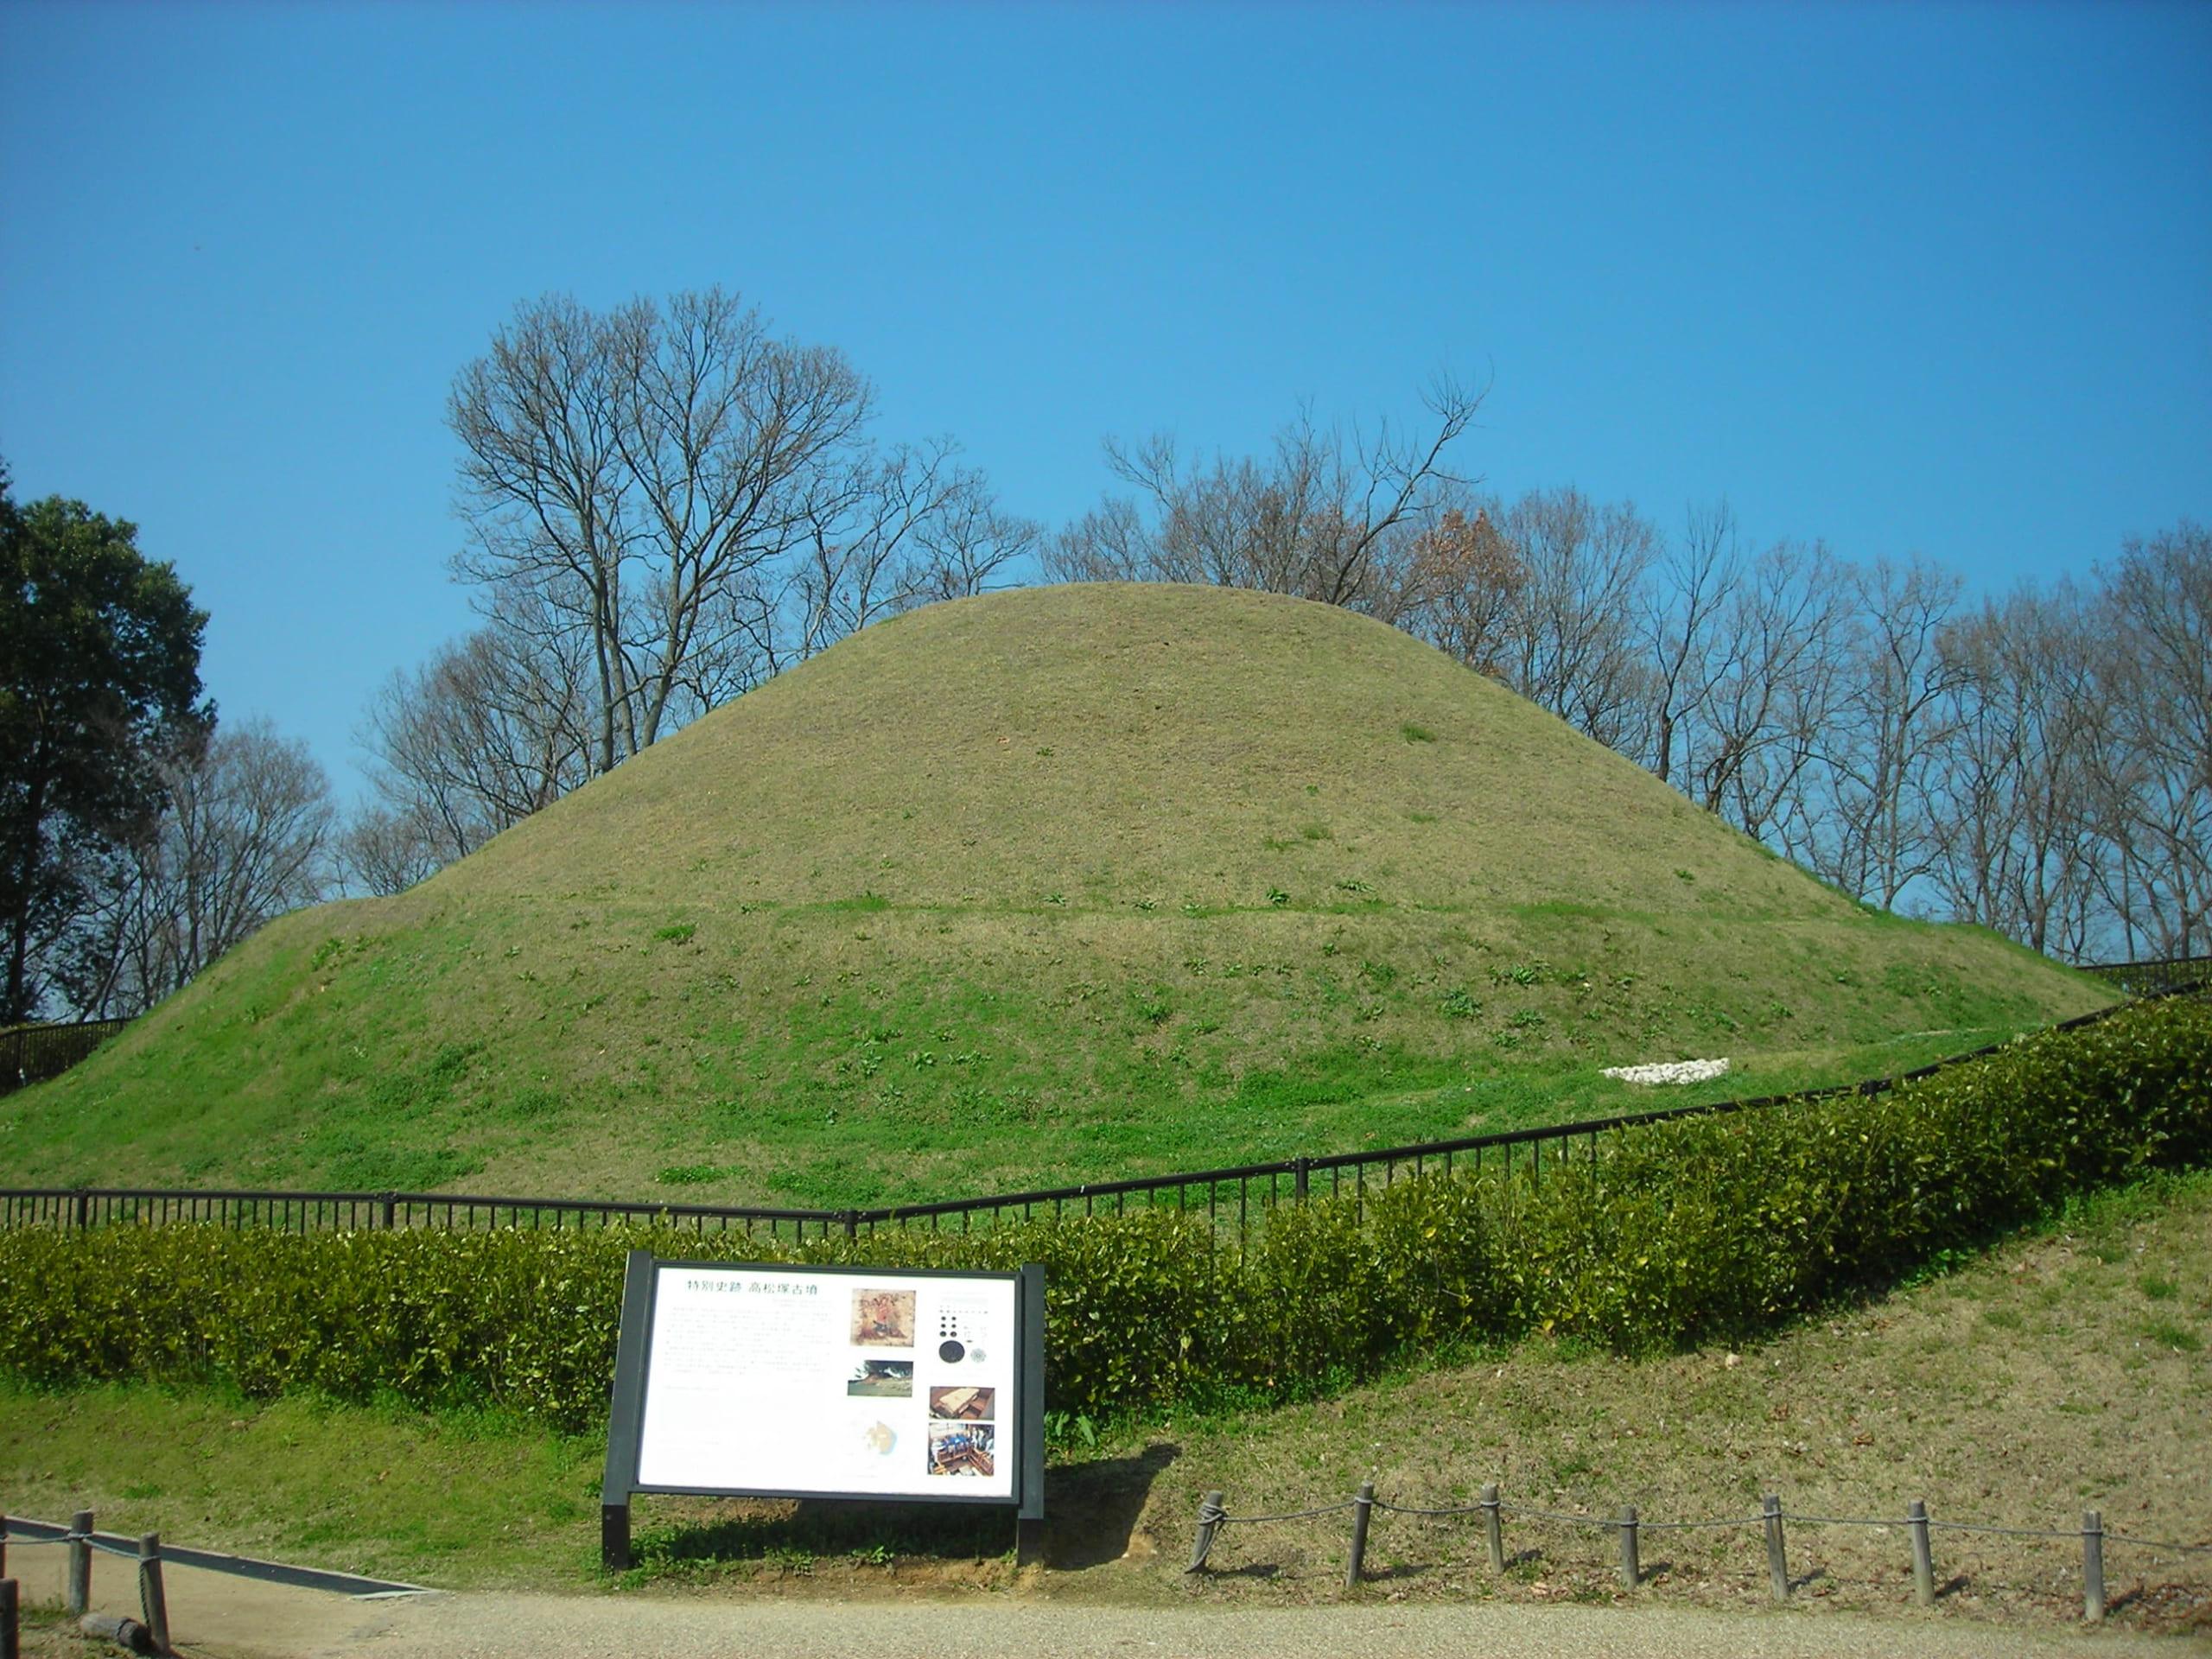 古墳の色々 ~天皇陵も前方後円墳から八角墳へと変遷